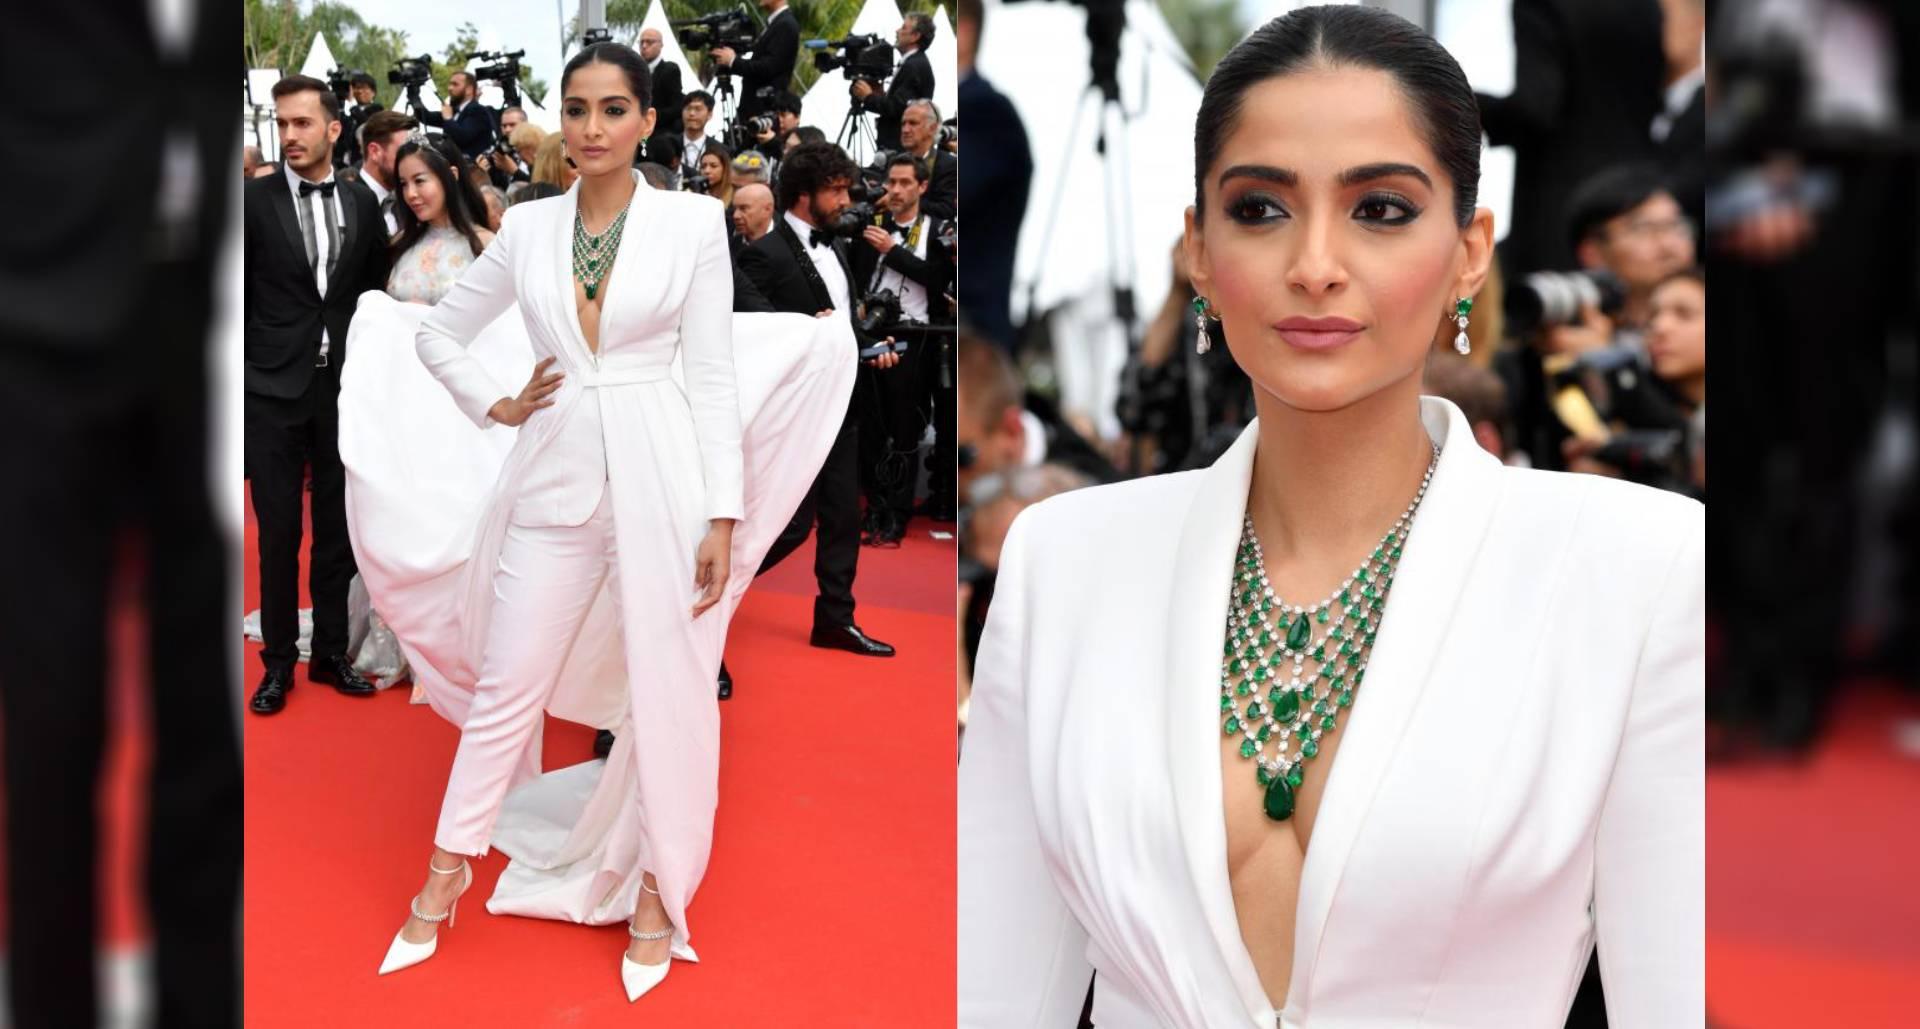 Cannes 2019: सोनम कपूर ने दूसरी बार किया रेड कार्पेट पर वॉक, व्हाइट टक्सीडो में दिखा एक्ट्रेस का फैशनेबल लुक